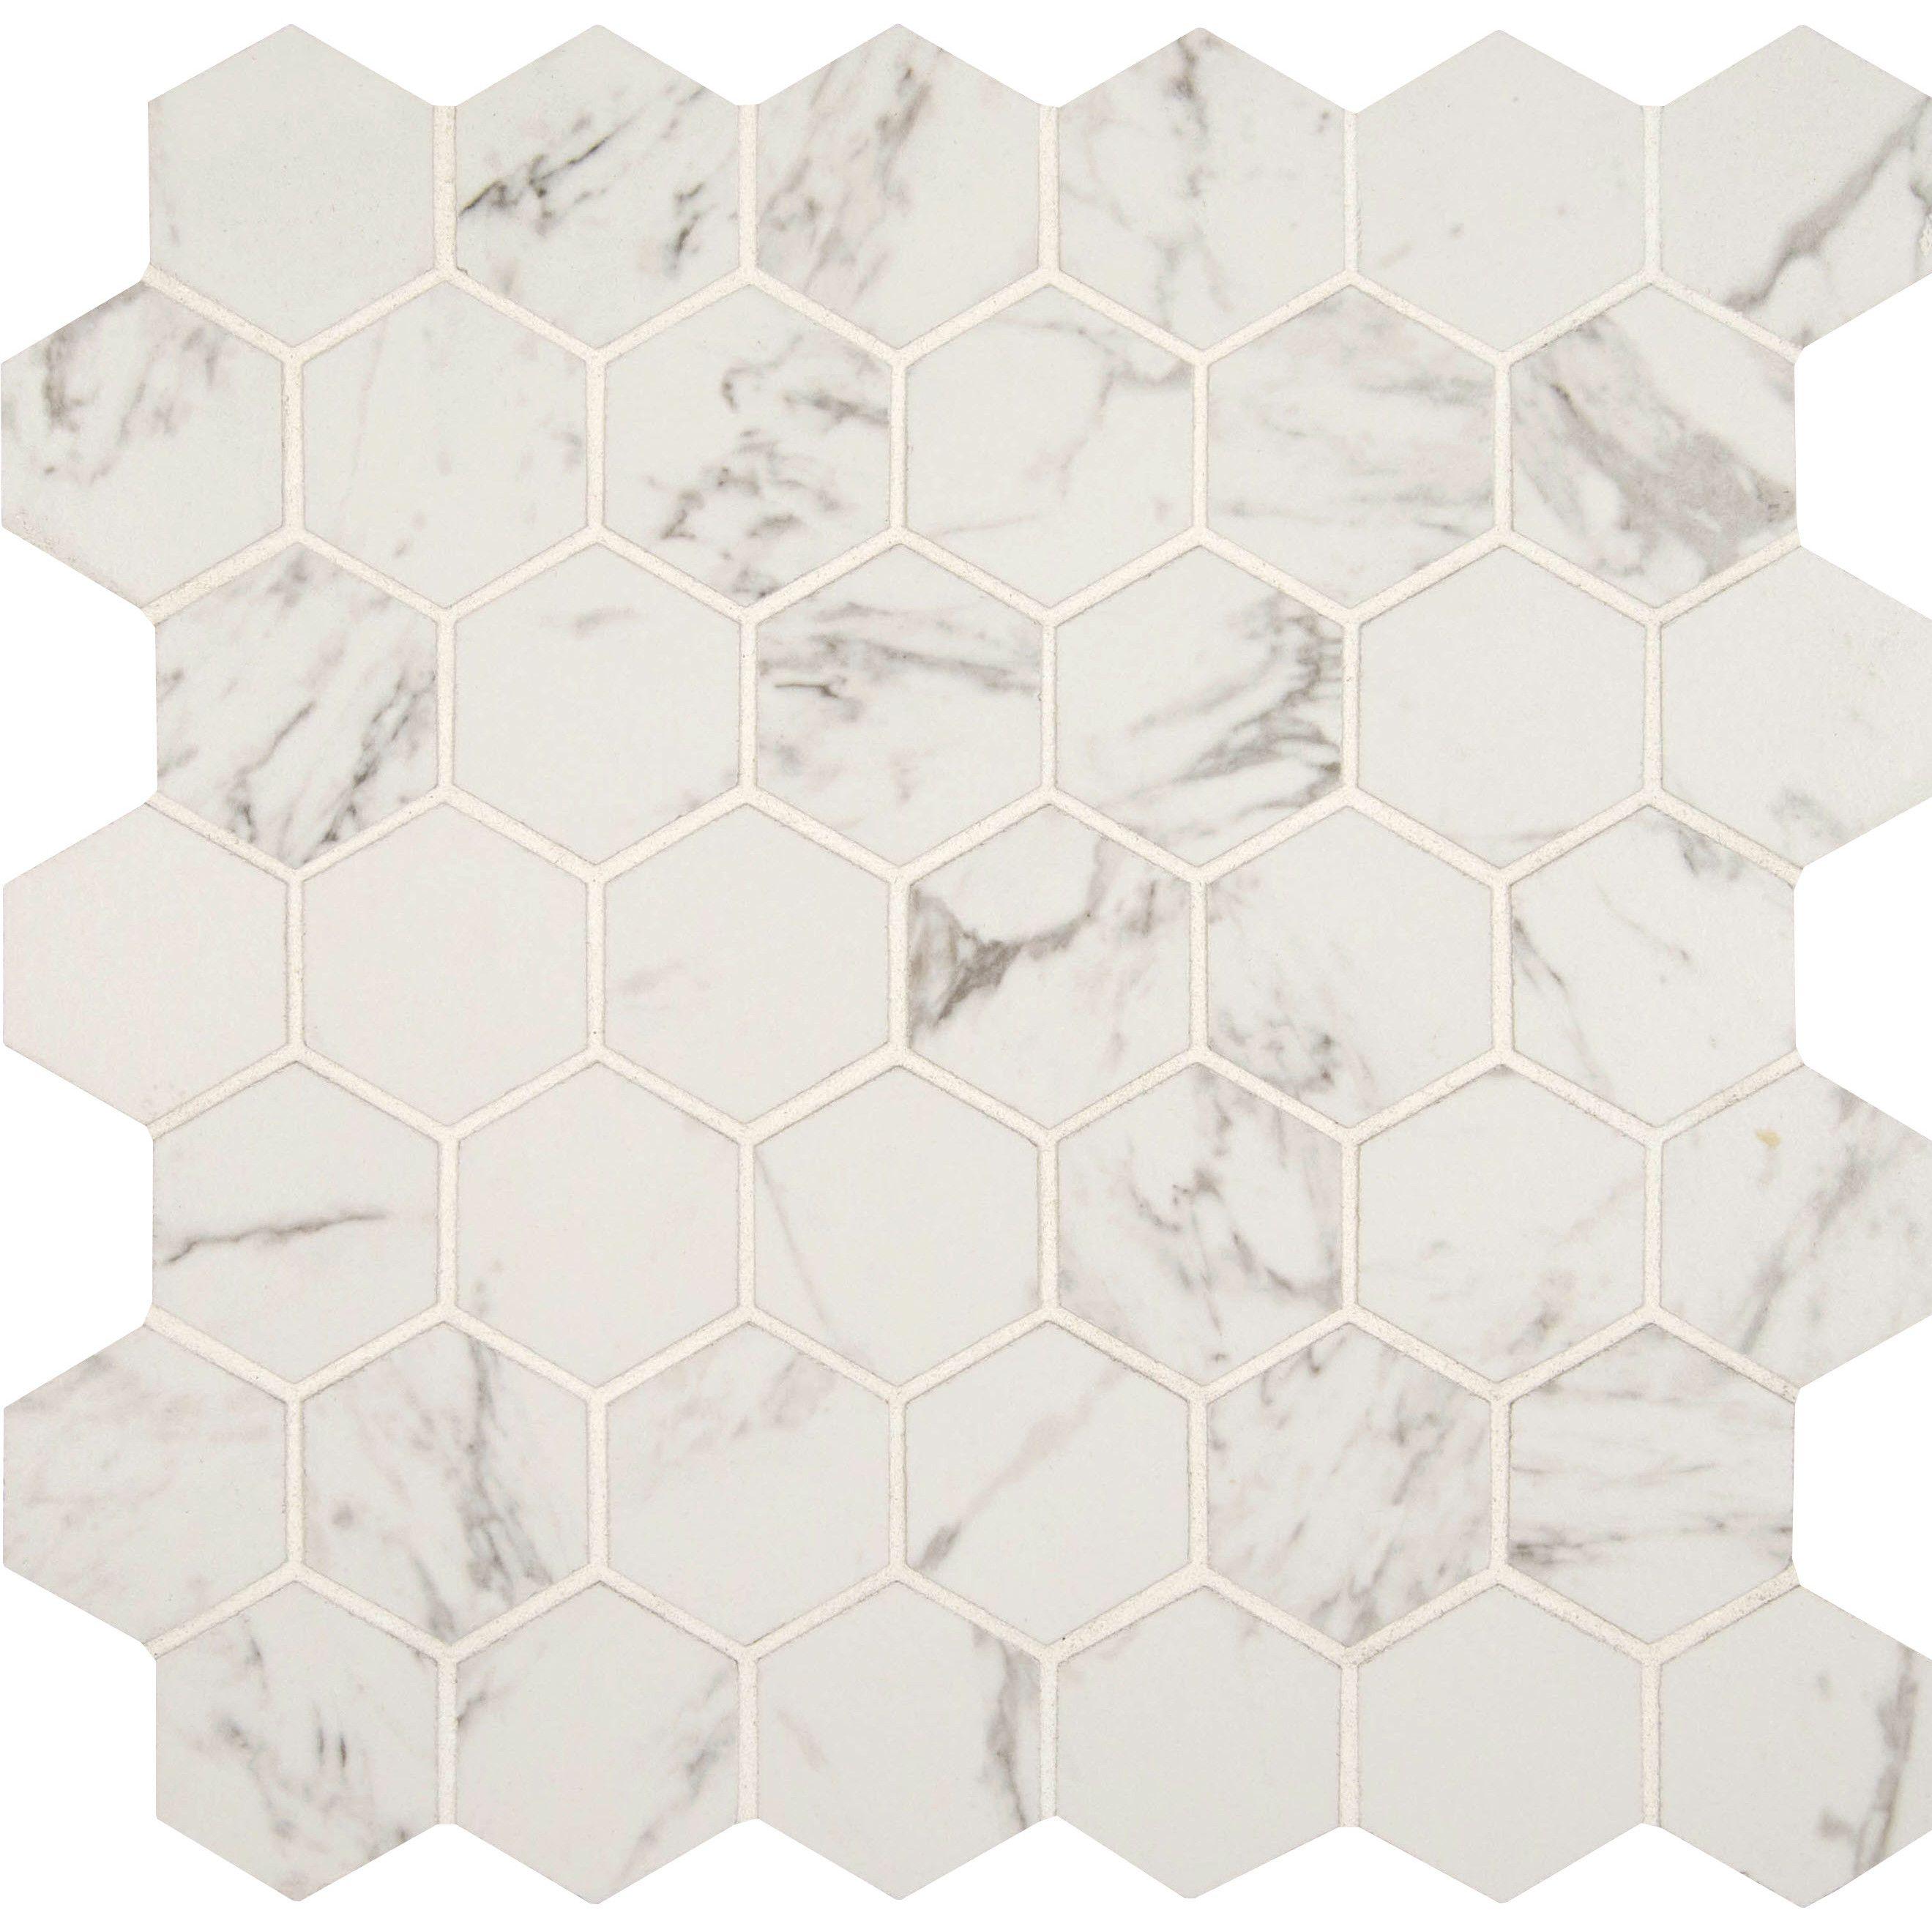 single hexagon tiles - HD2639×2639